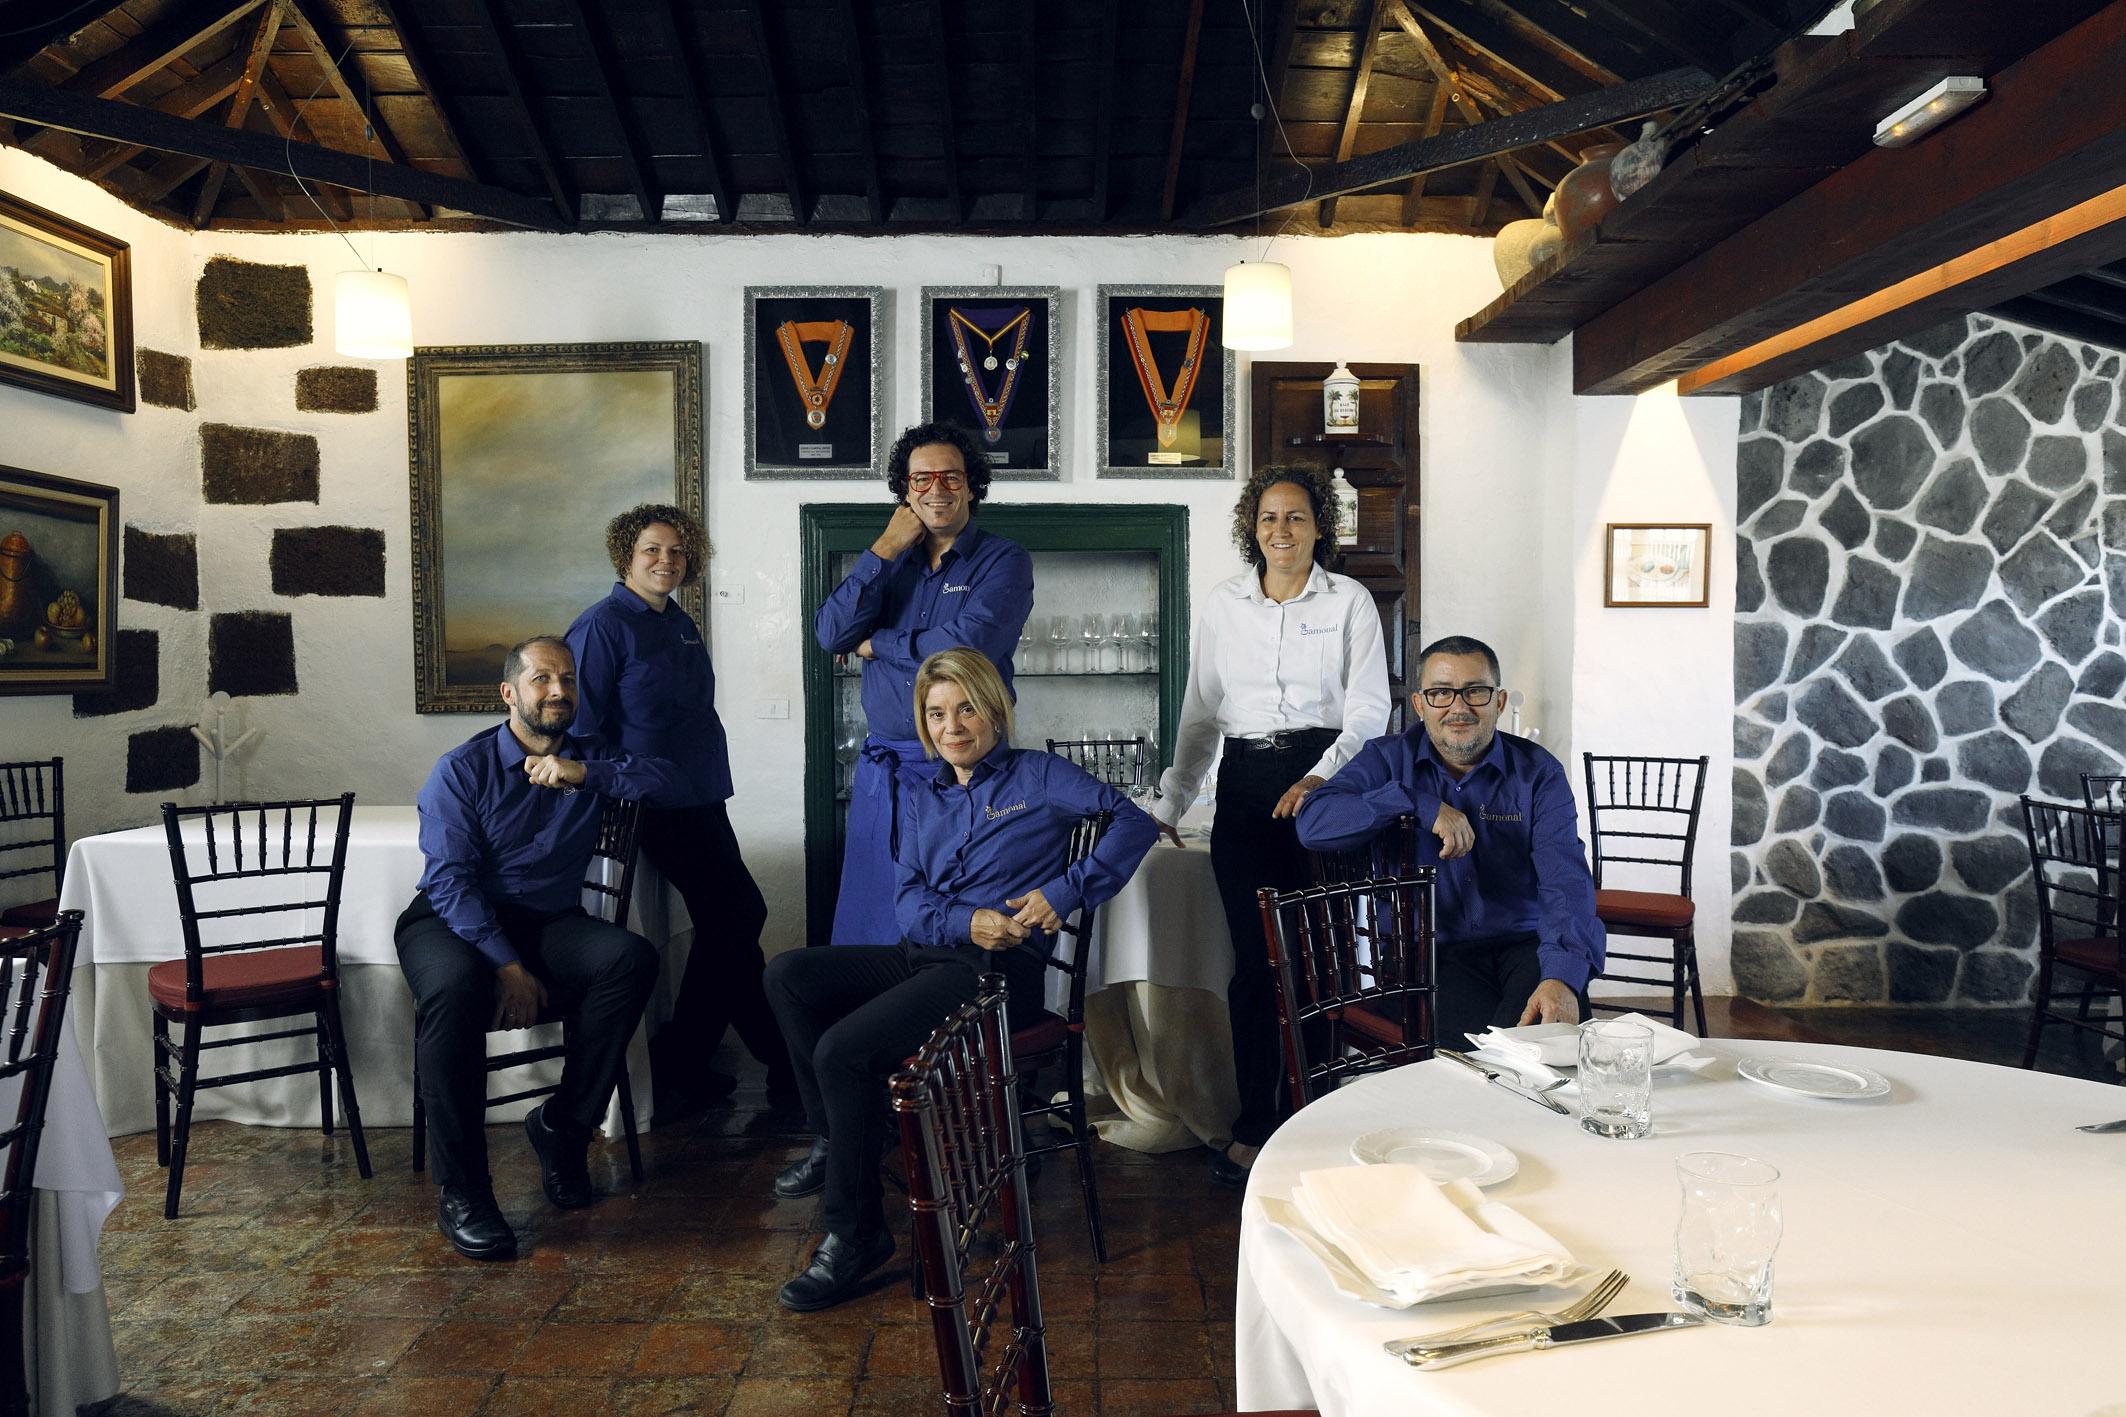 Equipo de El Drago con Priscila y Carlos Gamonal © Jordi Verdés Padrón